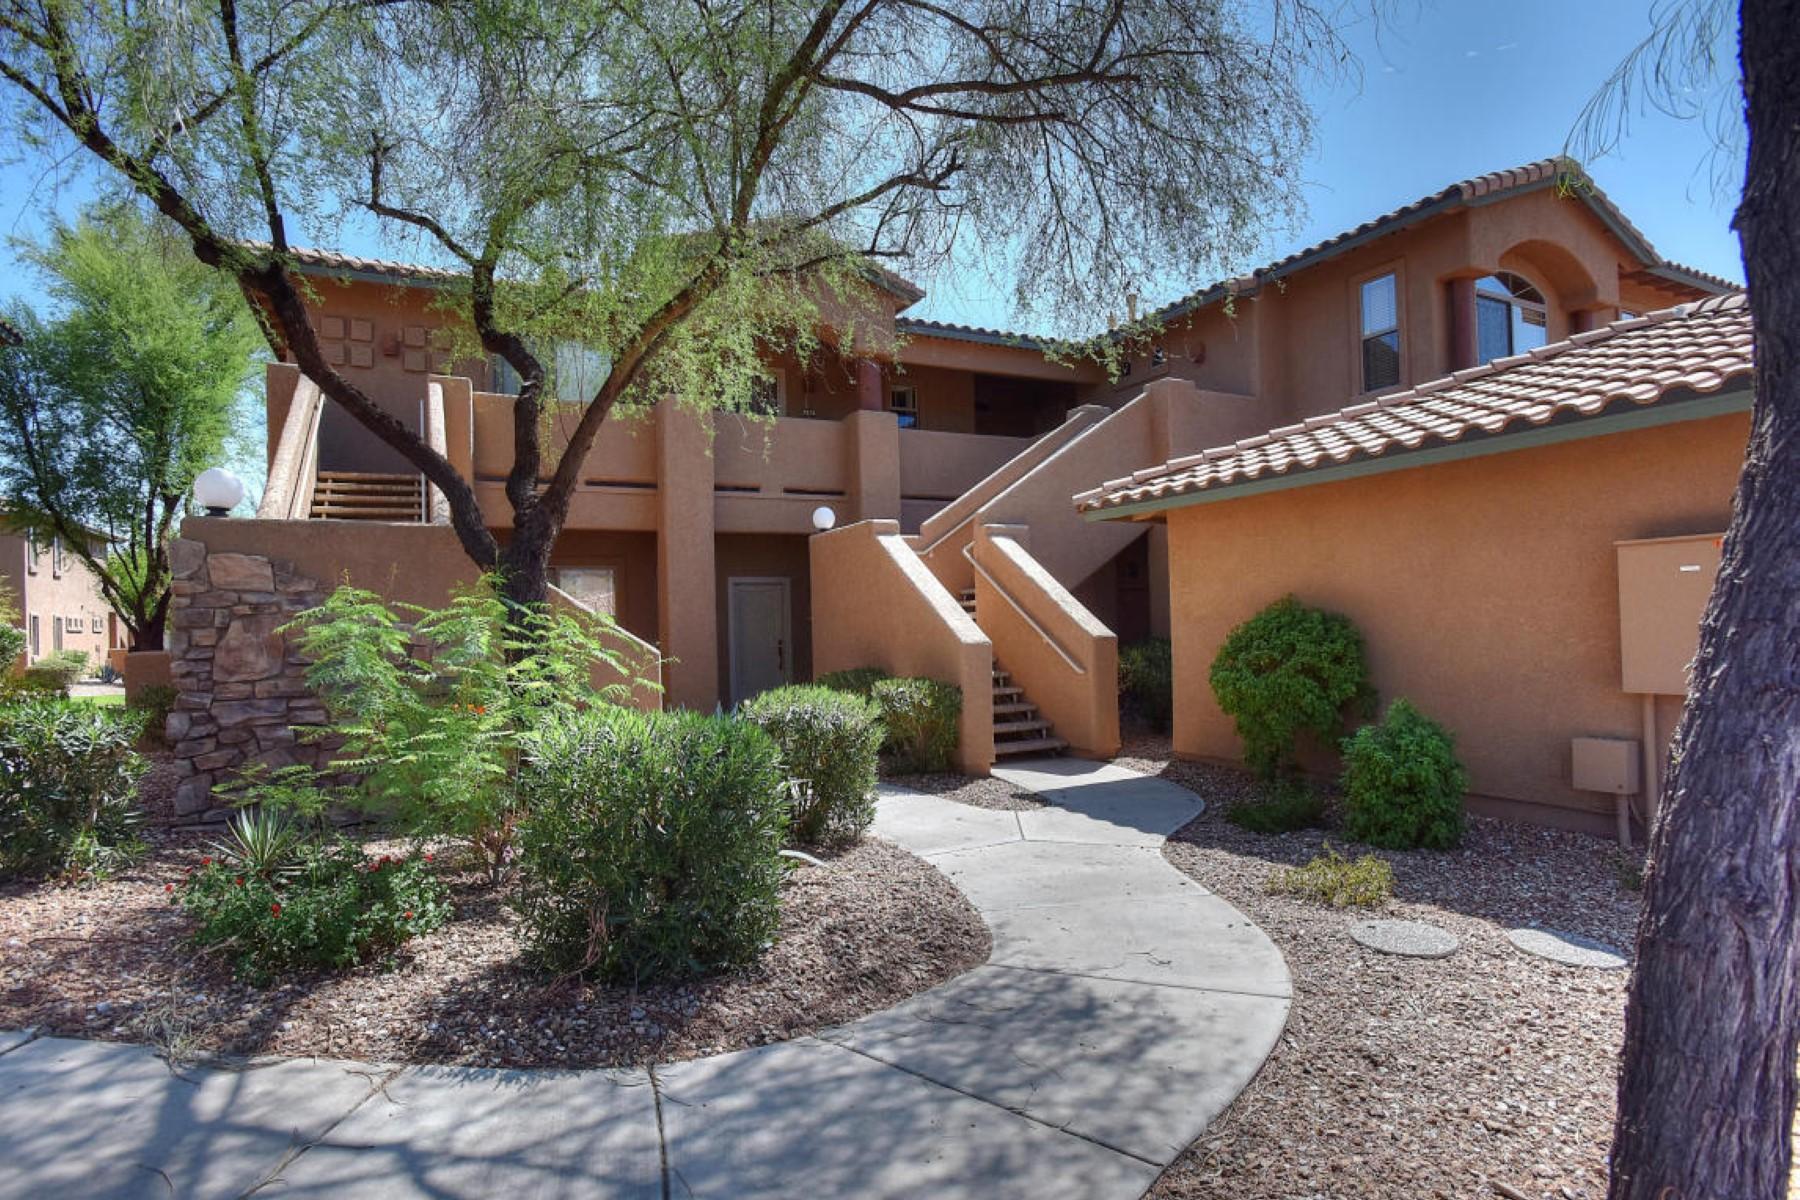 아파트 용 매매 에 Private 2BR upstairs condominium backing to grassy courtyard common area. 11500 E COCHISE DR 2037 Scottsdale, 아리조나 85259 미국